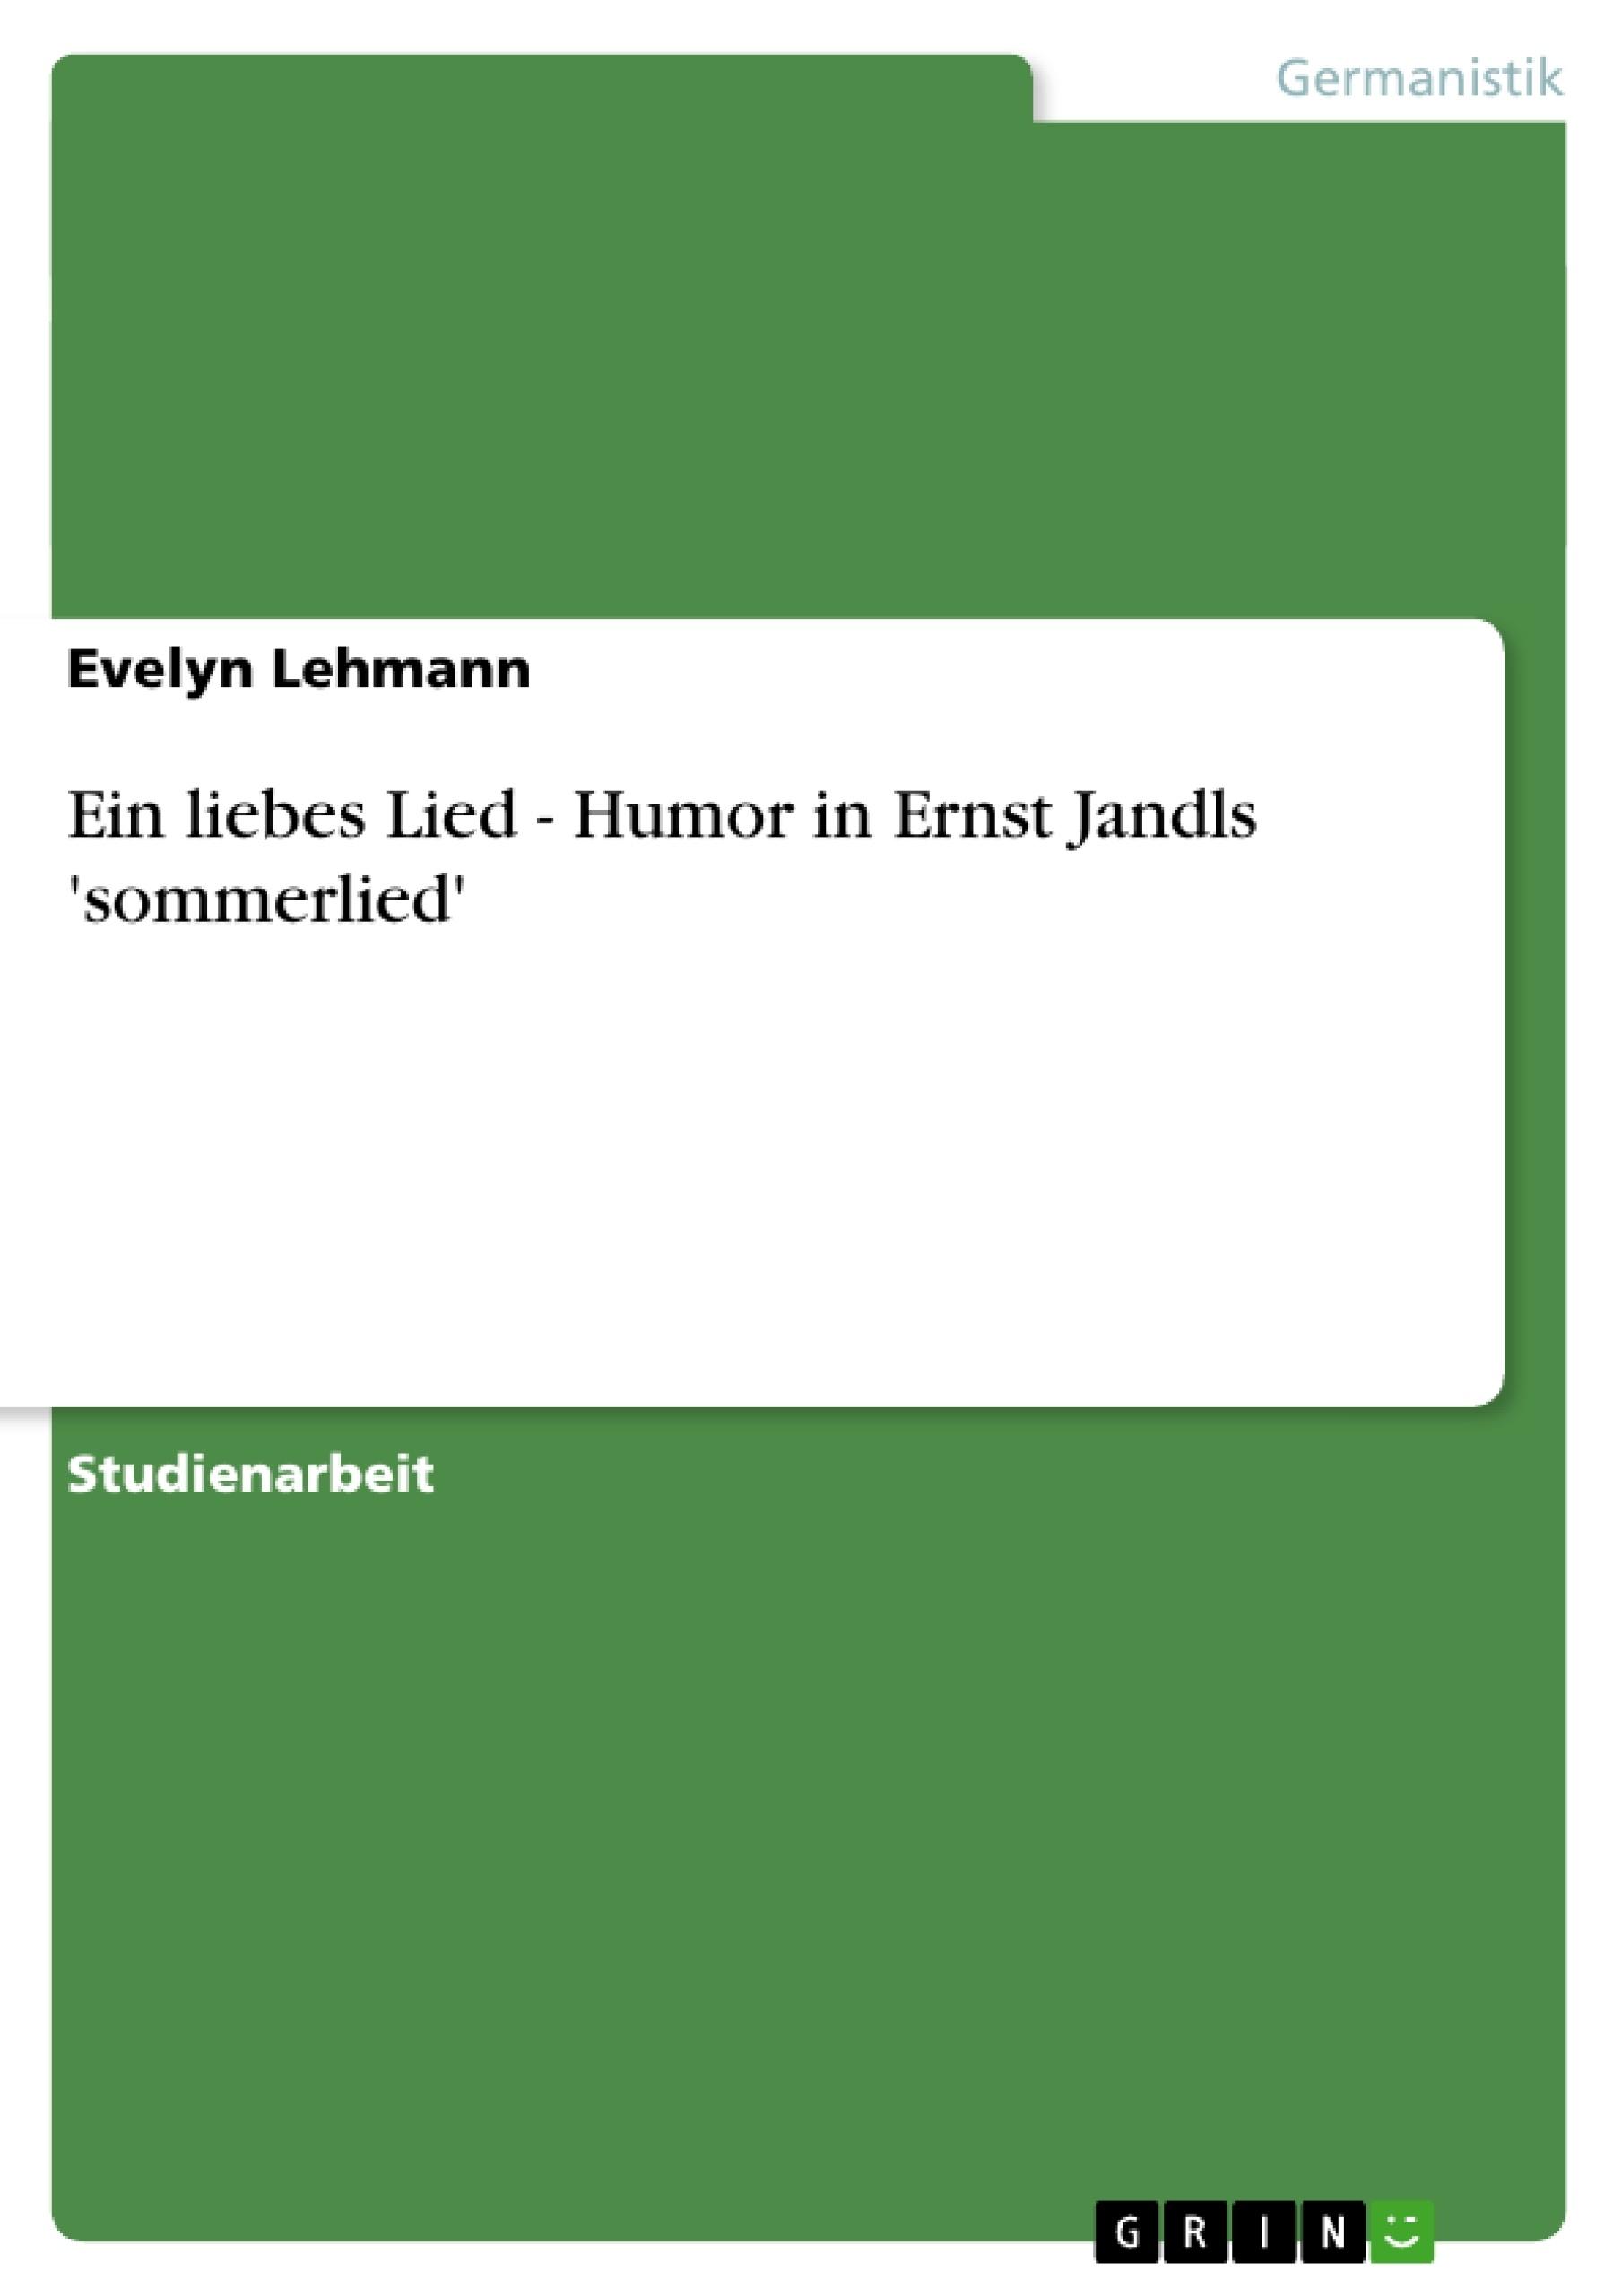 Titel: Ein liebes Lied - Humor in Ernst Jandls 'sommerlied'